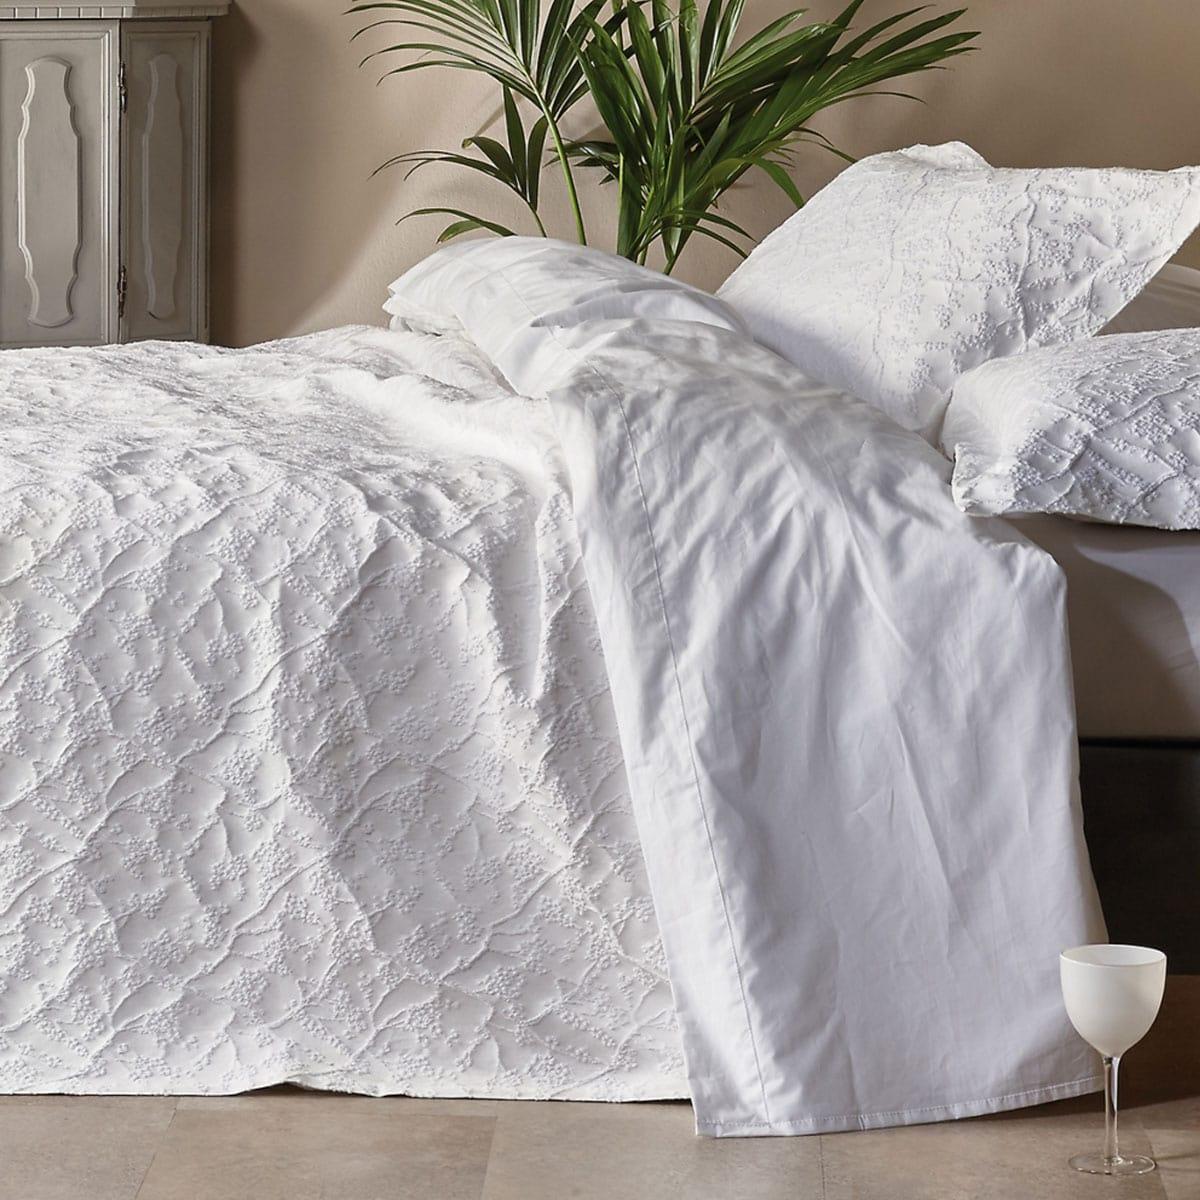 Κουβέρτα Cybele 00 White Kentia Υπέρδιπλo 230x260cm